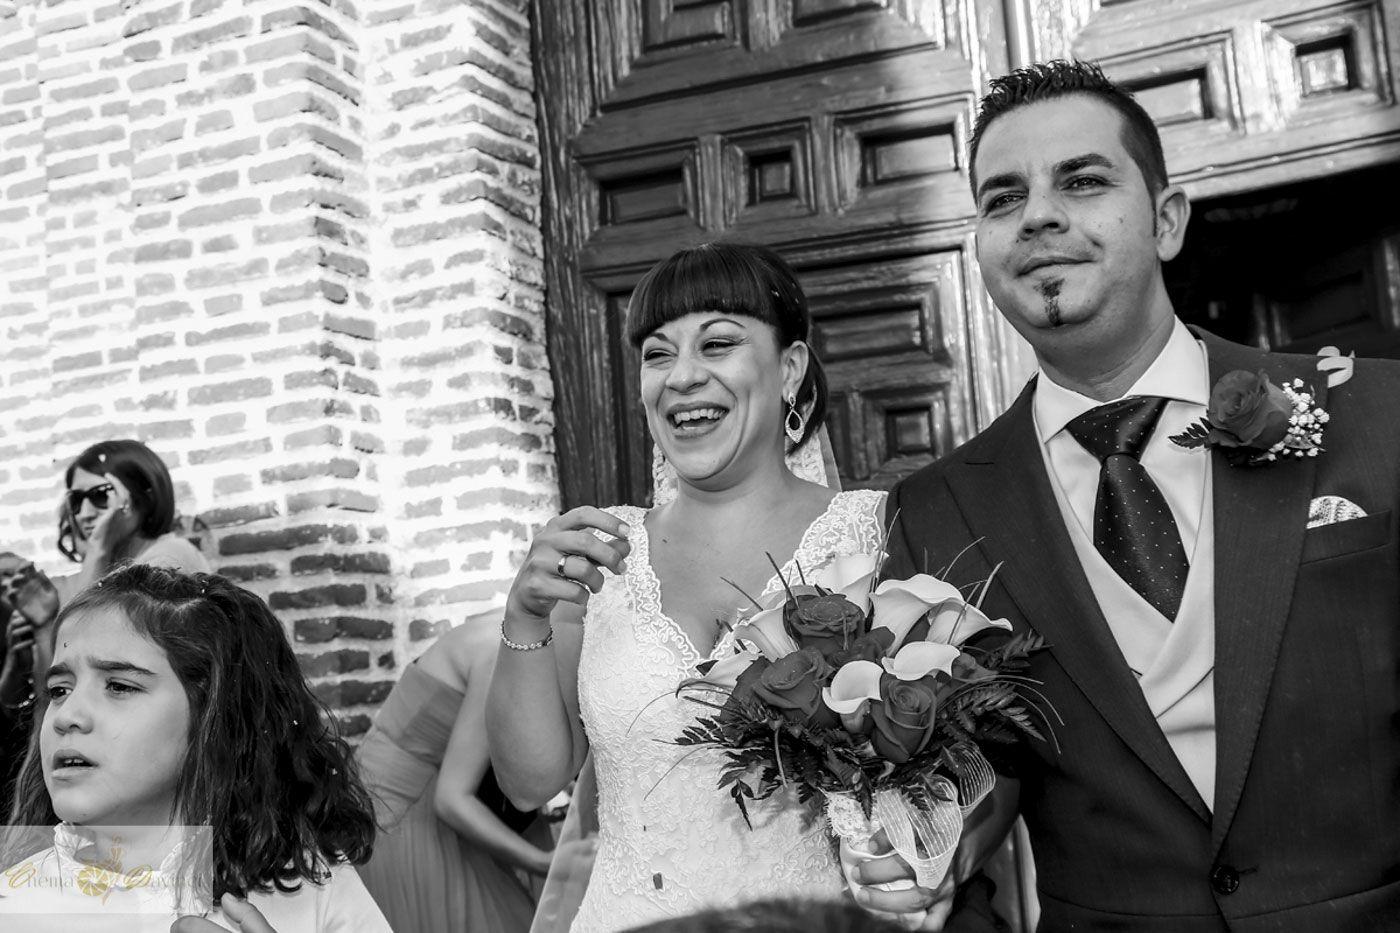 _MG_1392-iglesia-boda-lbertoypili-chemaydavinci-wb